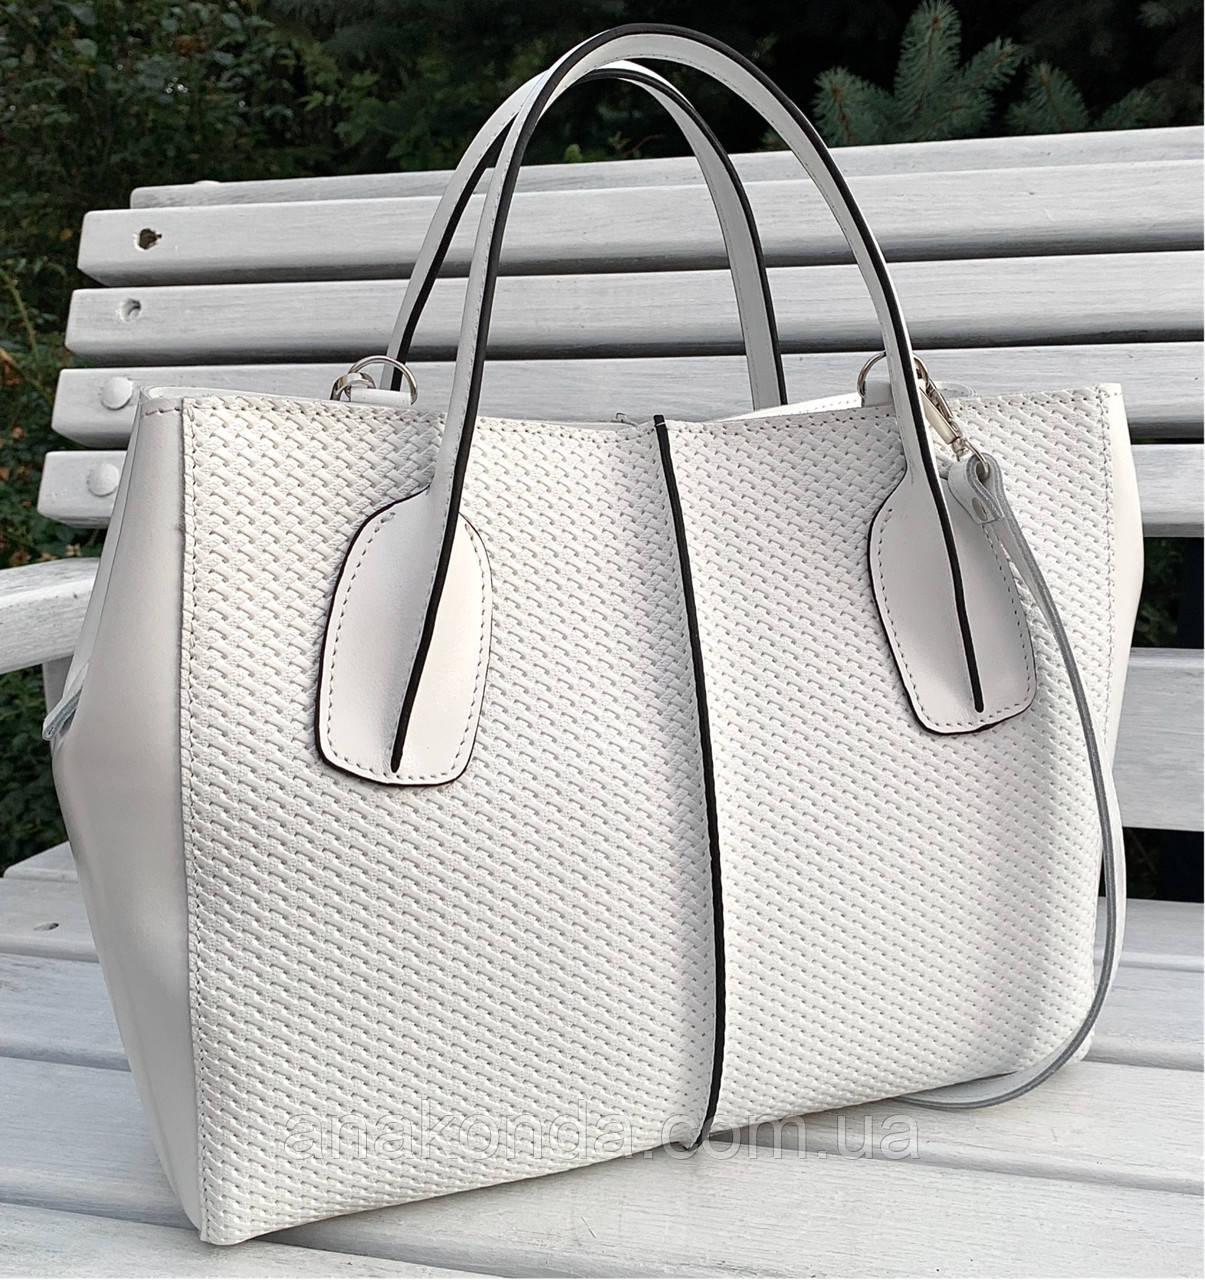 55-1 Натуральная кожа Женская сумка белая формат А4 белая Женская сумка кожаная белая на подкладке